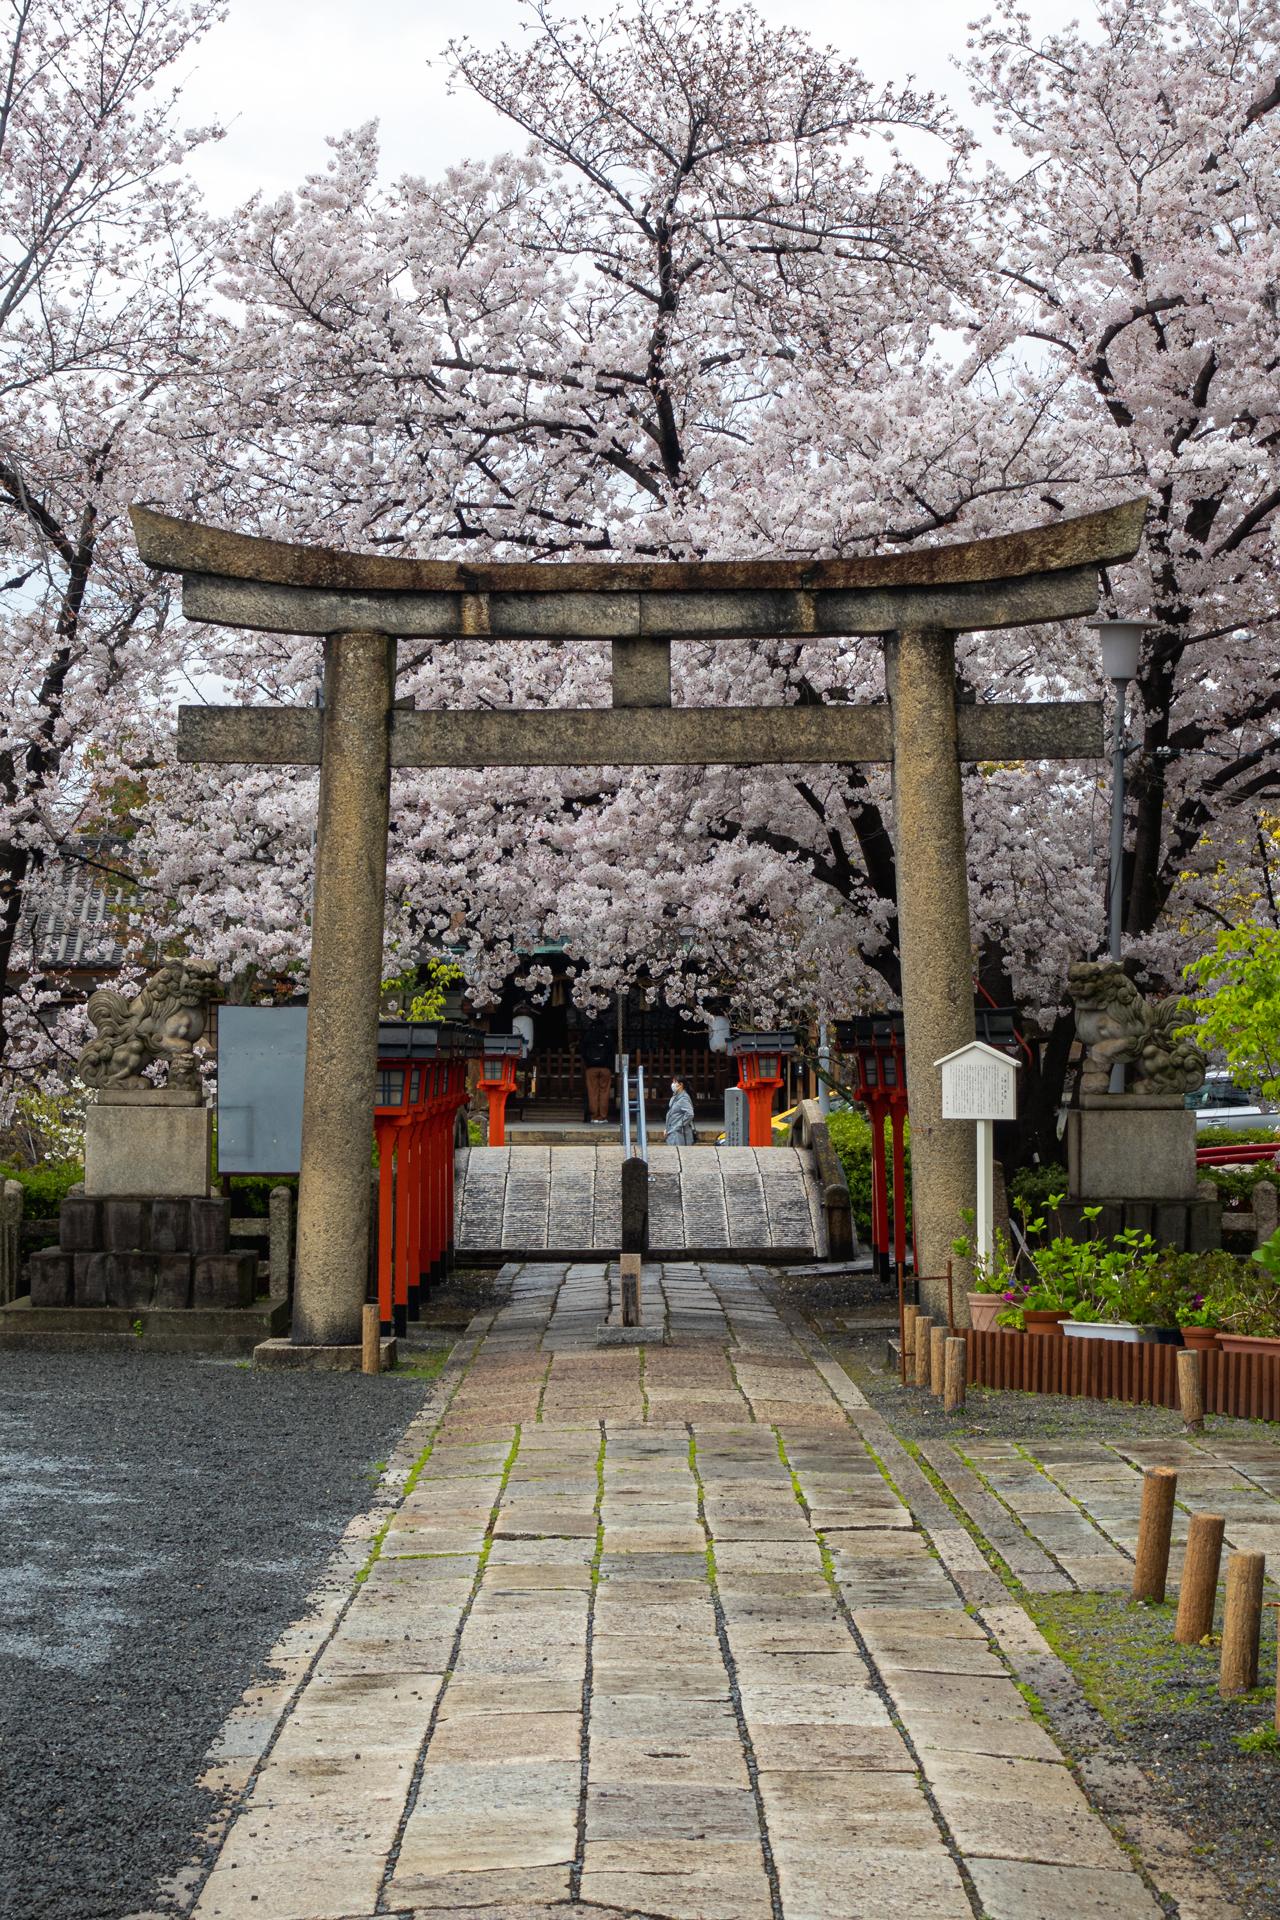 DSC05274 京都府 六孫王神社(桜と灯籠の景色が美しい春におすすめ写真スポット! 撮影した写真の紹介、アクセス情報など)